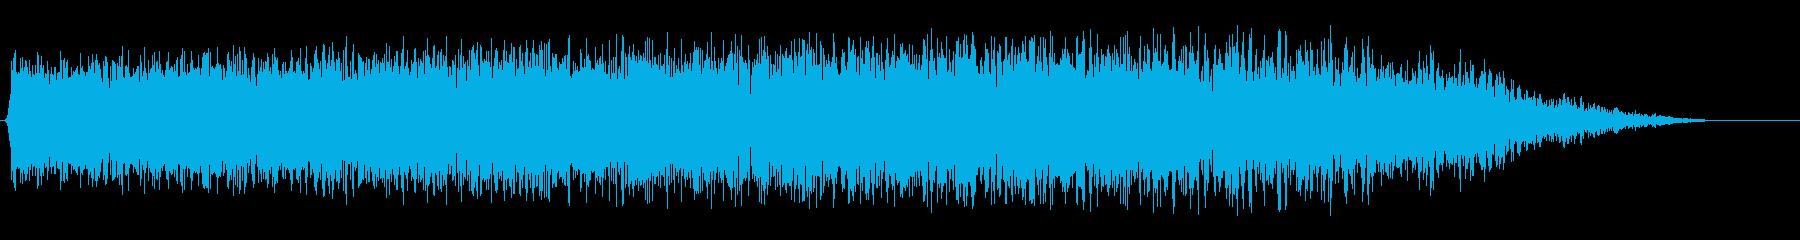 ジューーッ!飛行機等の風を切る音の再生済みの波形